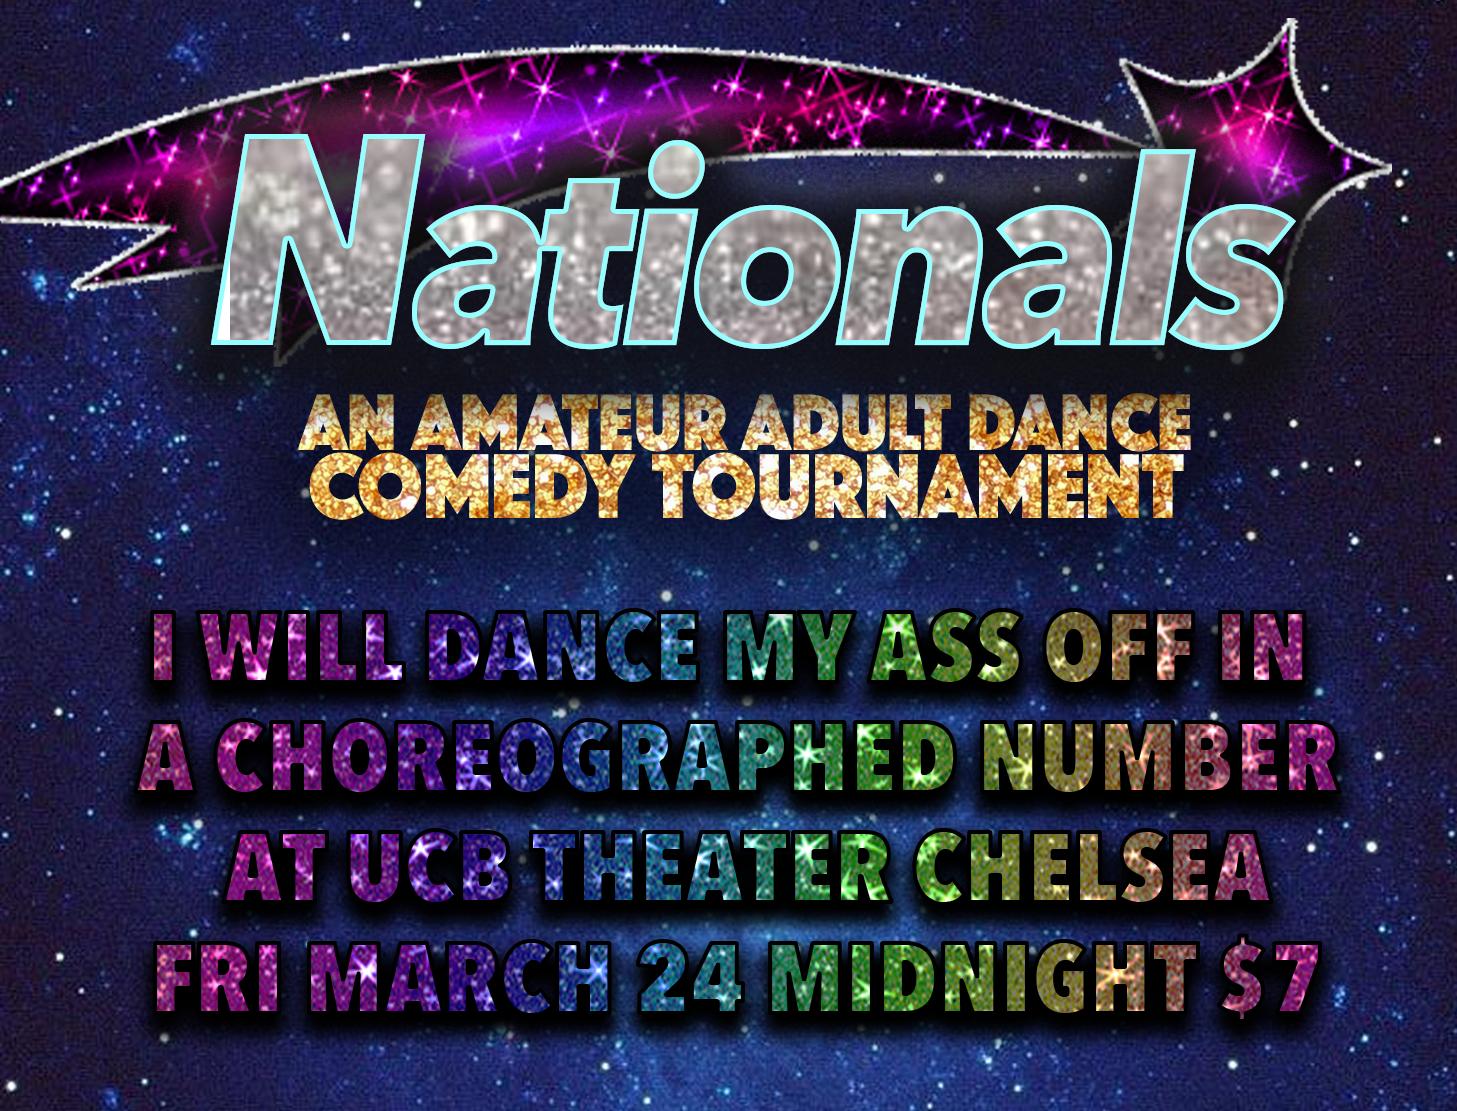 NATTIES dancers insta.png